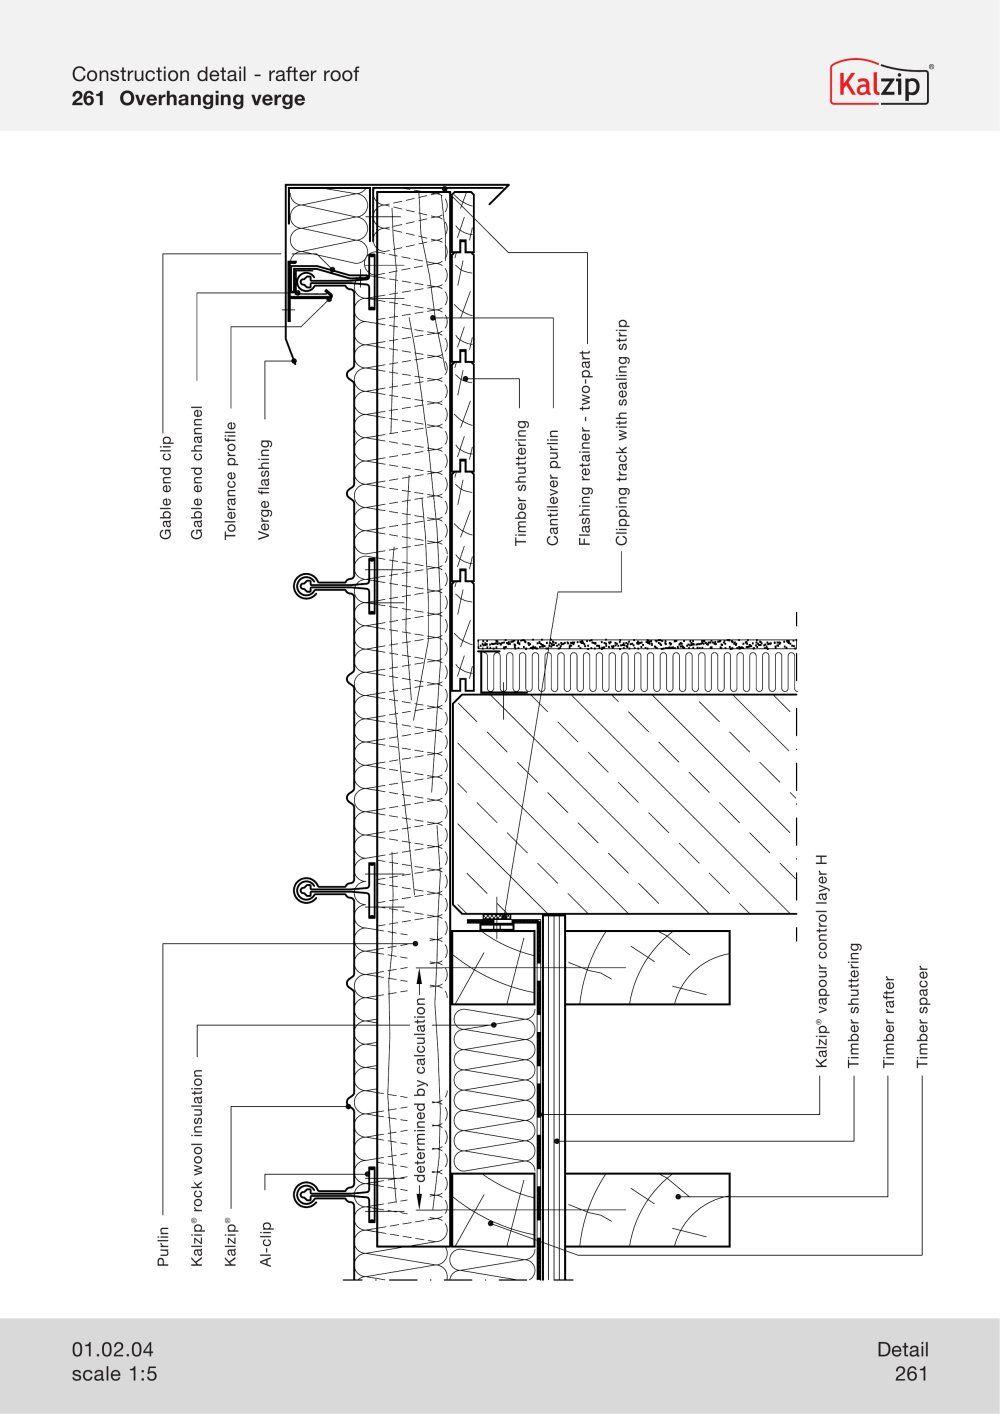 Kalzip Construction Details Construction Details